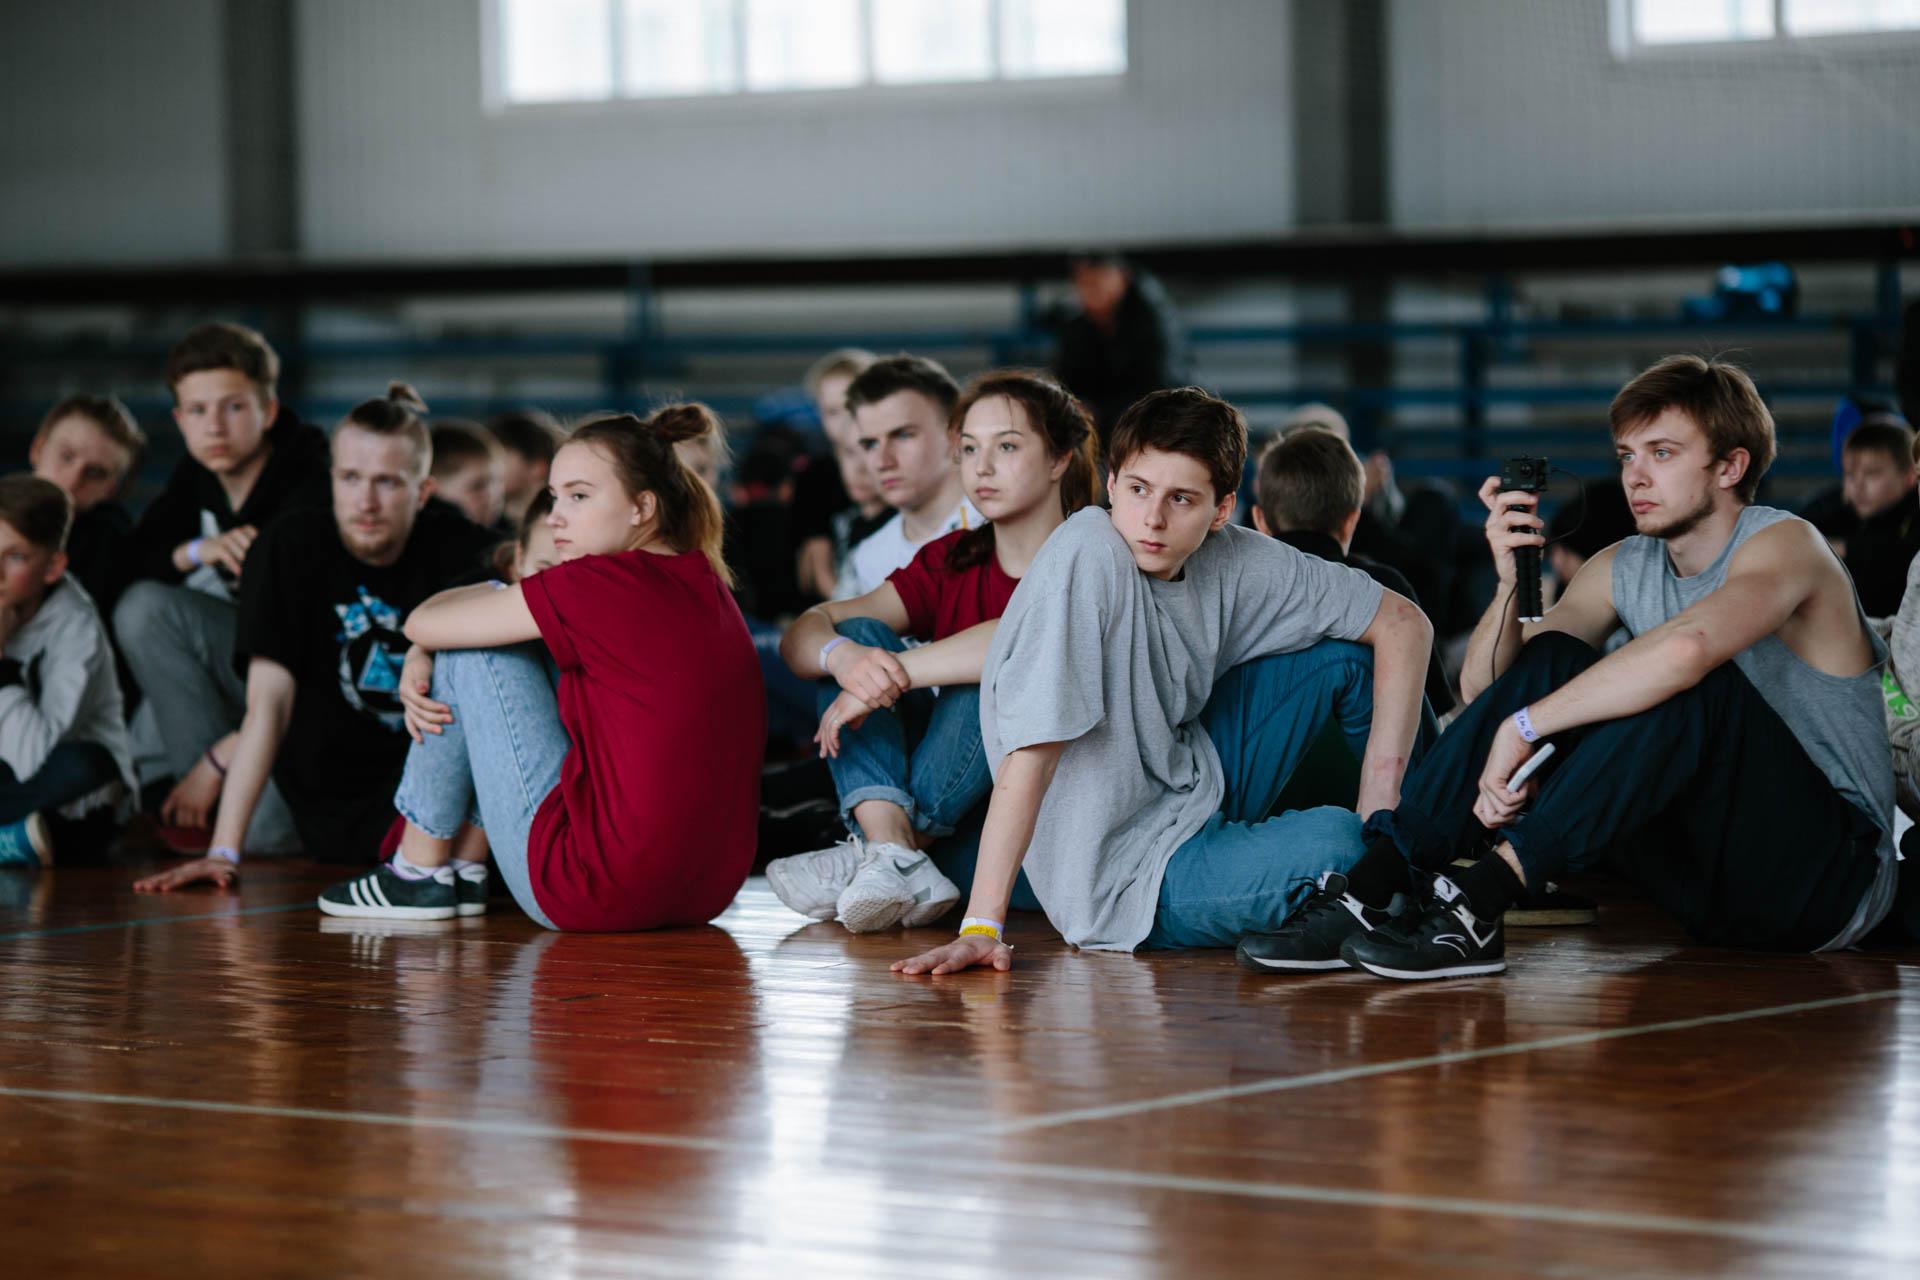 День мастер классов на фестивале New Way 2017 в гогоде Вельске